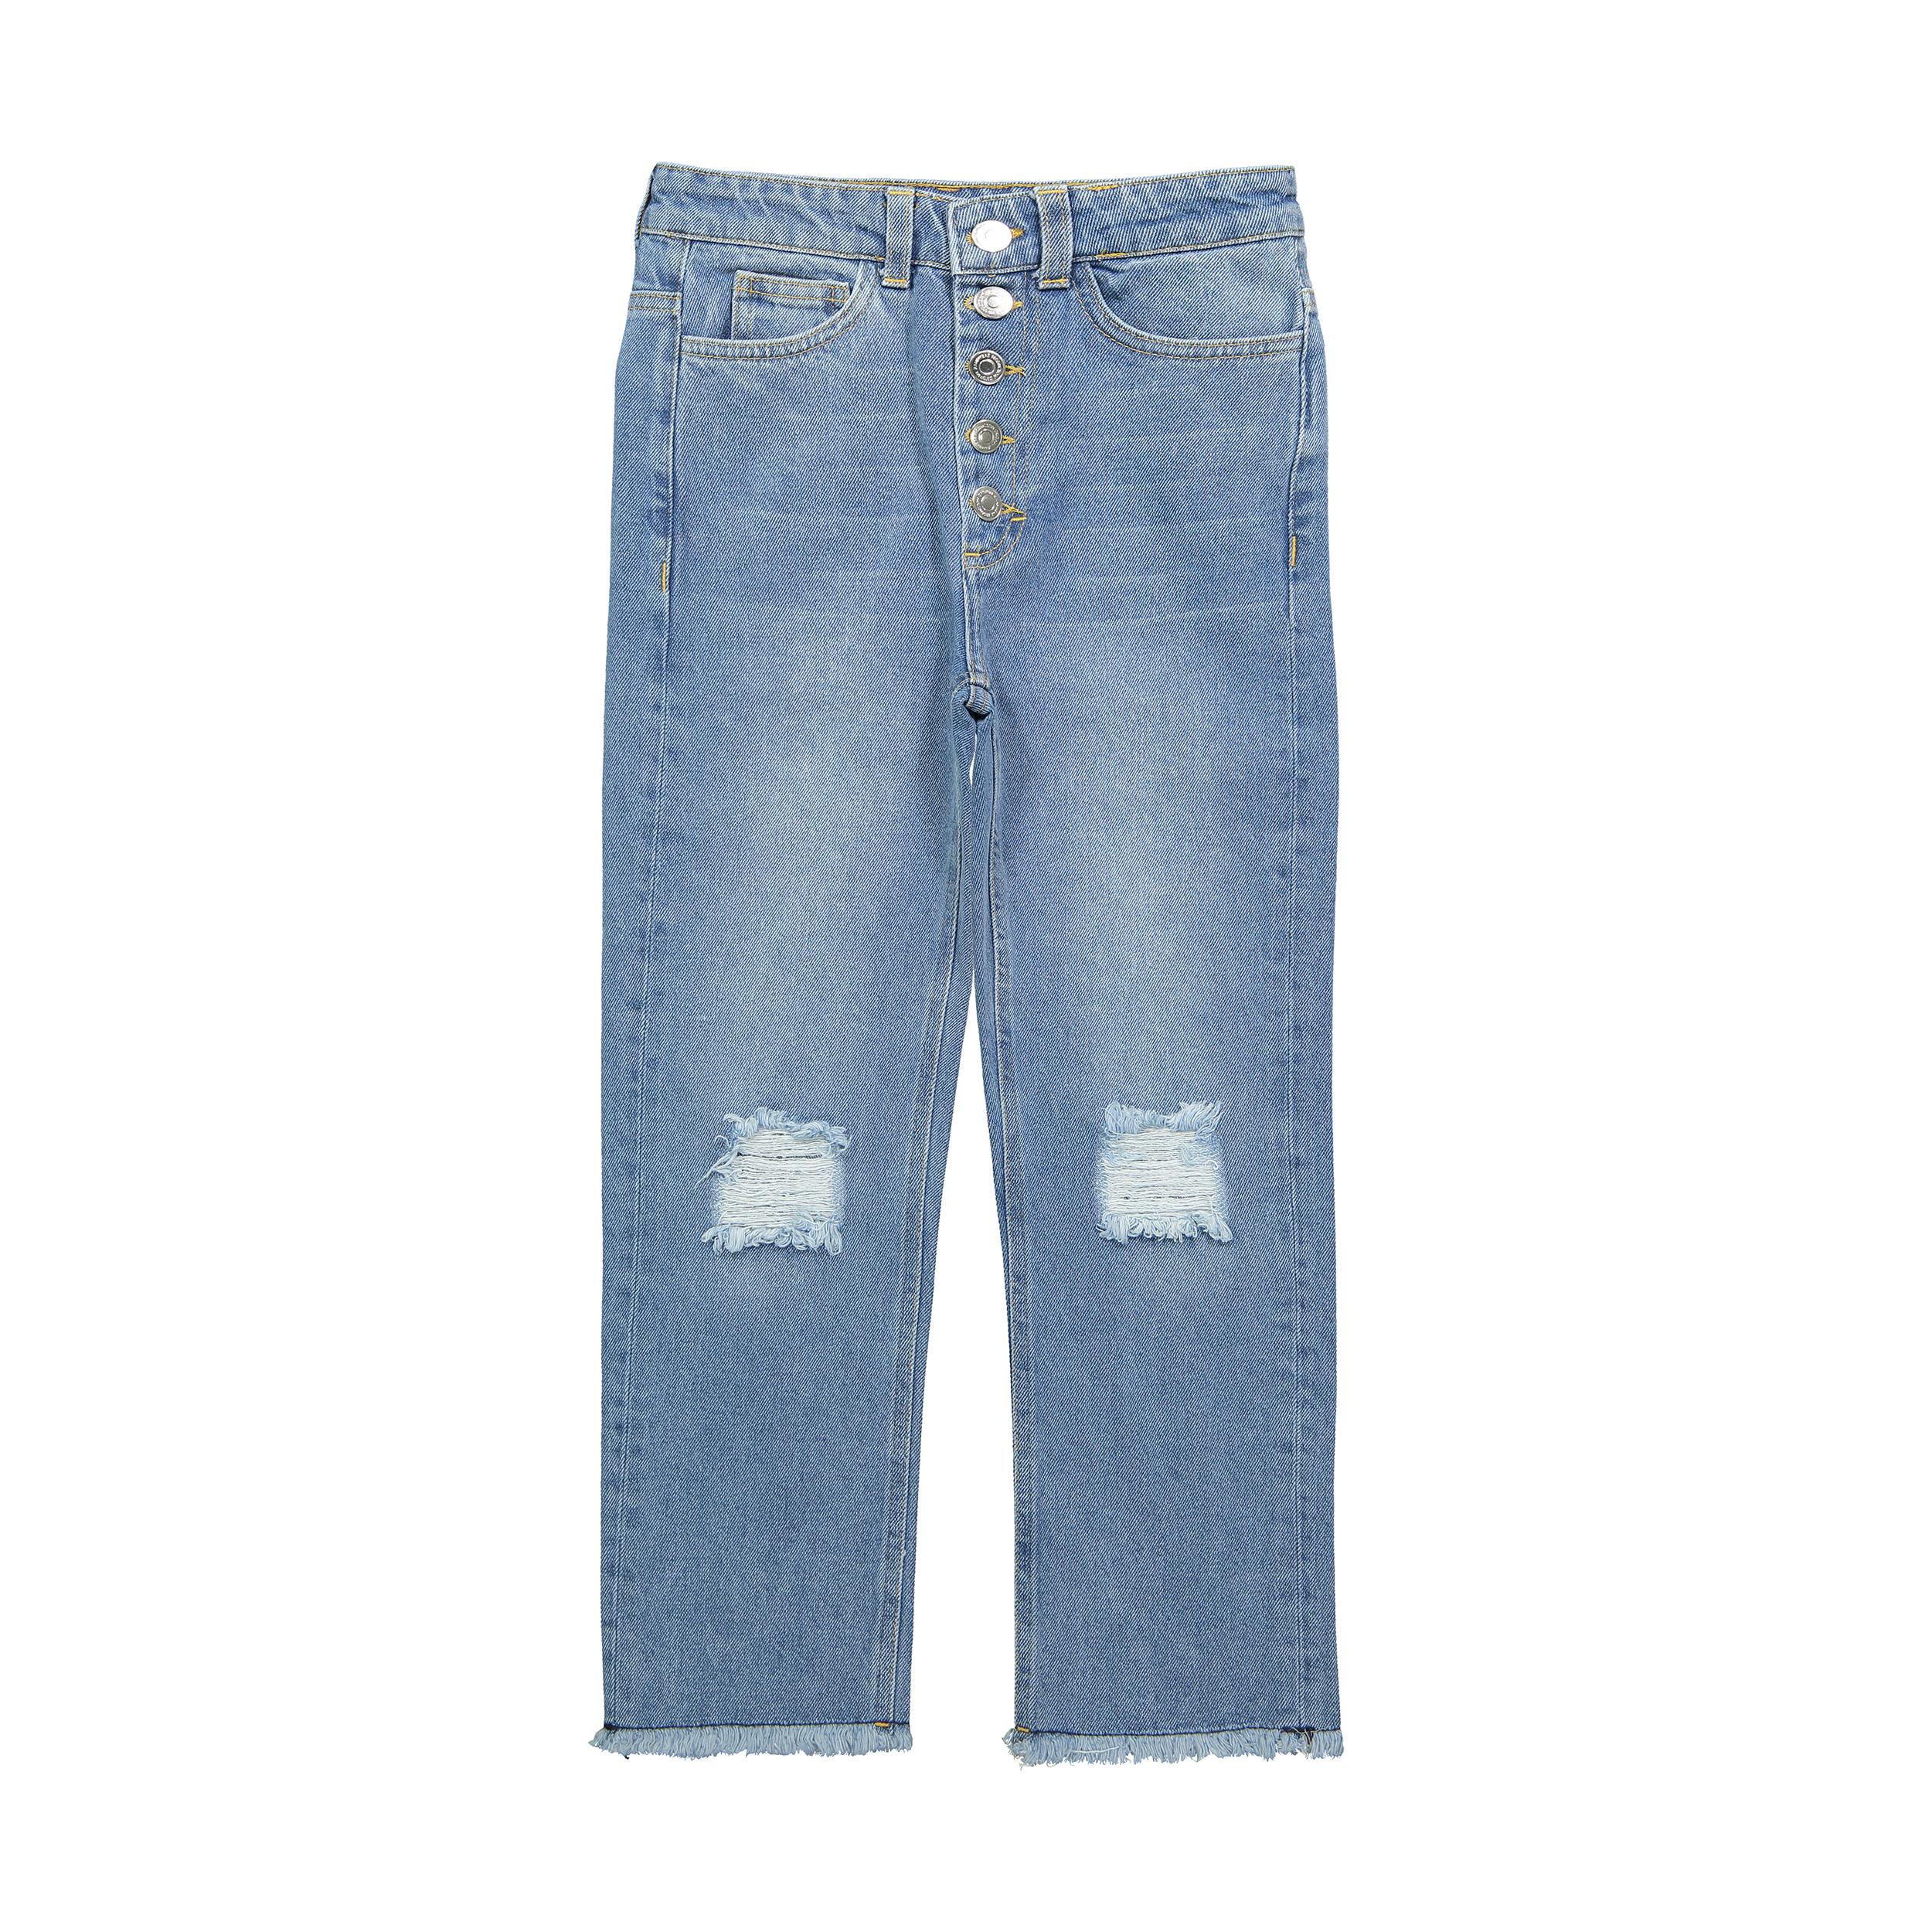 خرید ارزان شلوار جین زنانه آر ان اس مدل 1104080-58